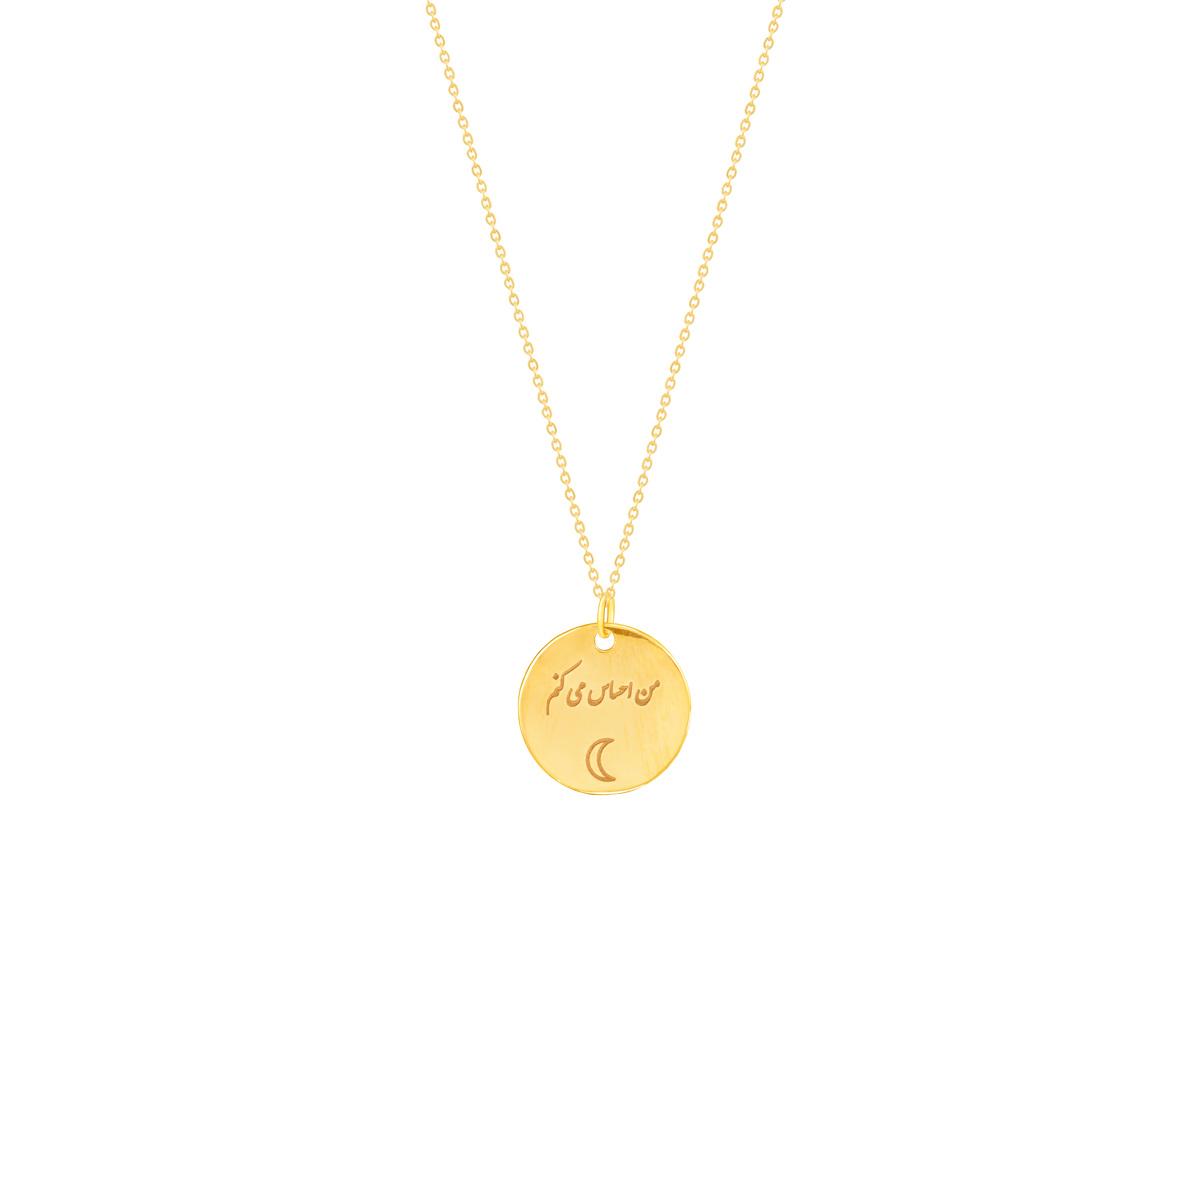 گردنبند طلا نماد ماه تیر